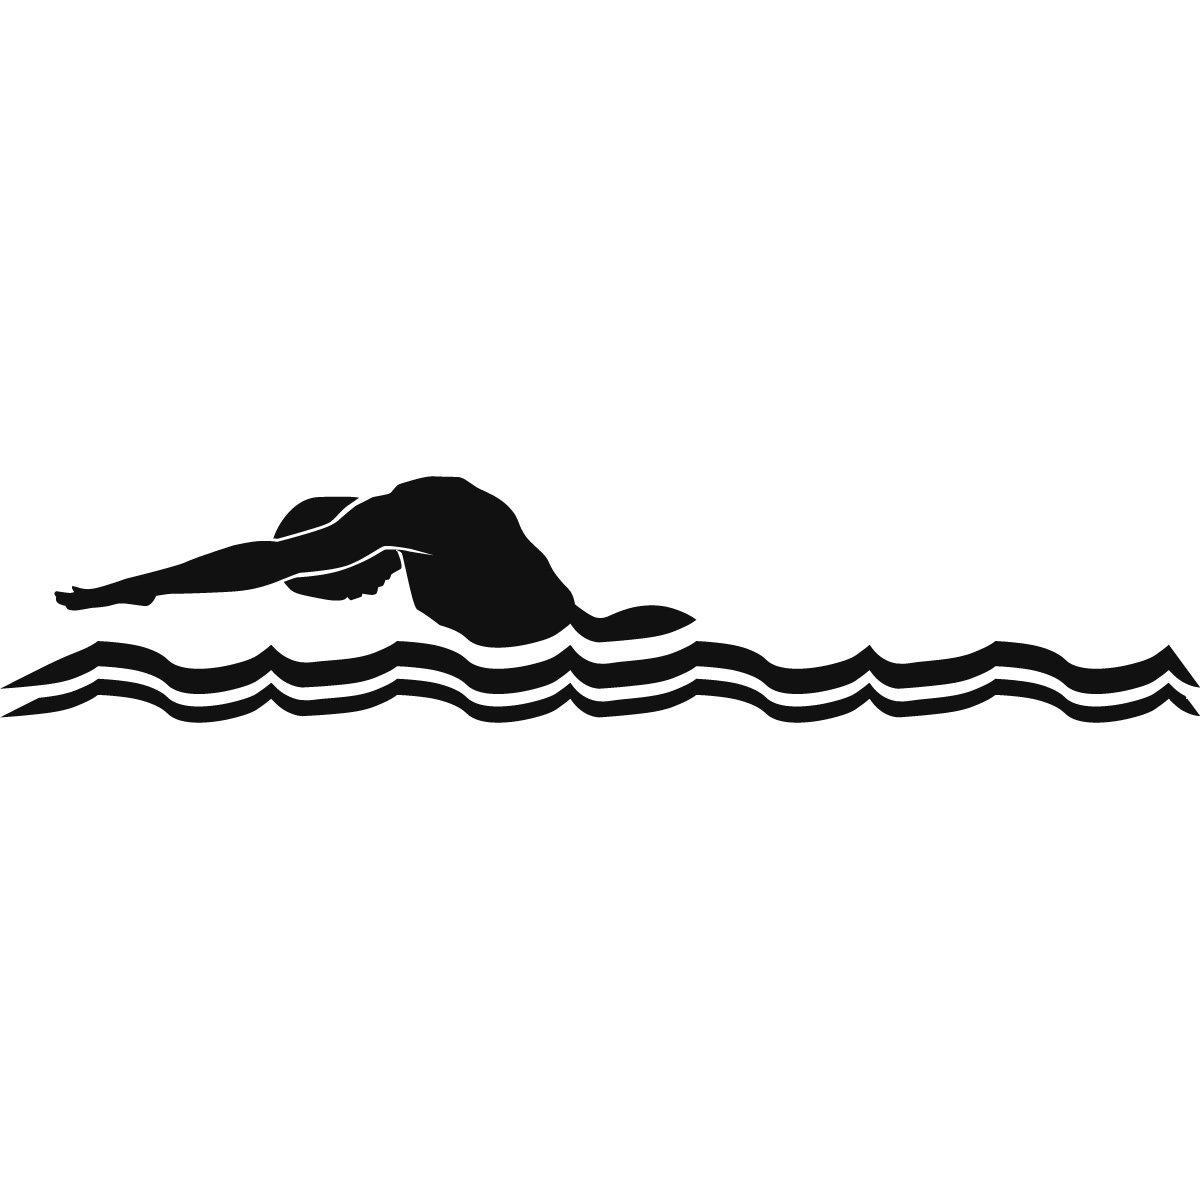 1200x1200 Clip Art Male Swimmer Butterfly Stroke Green Swimming Swimming